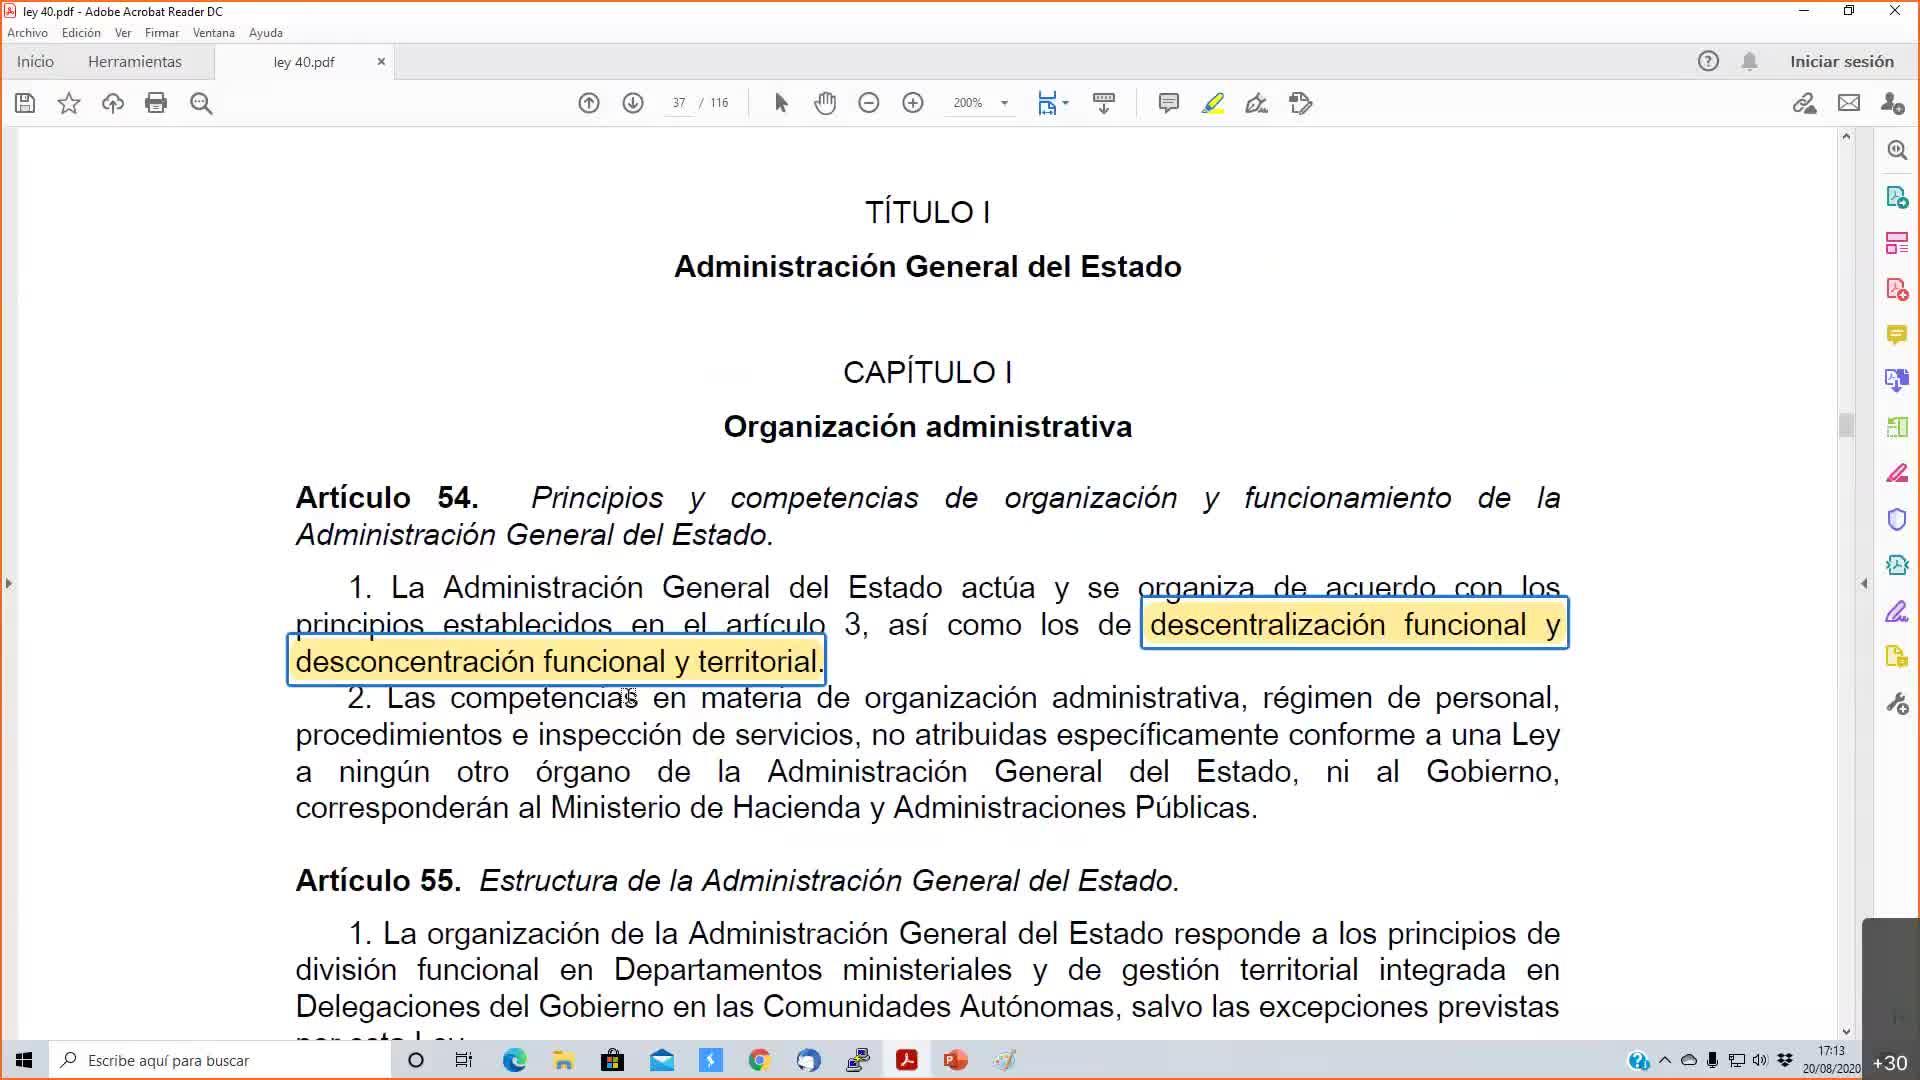 ley 40